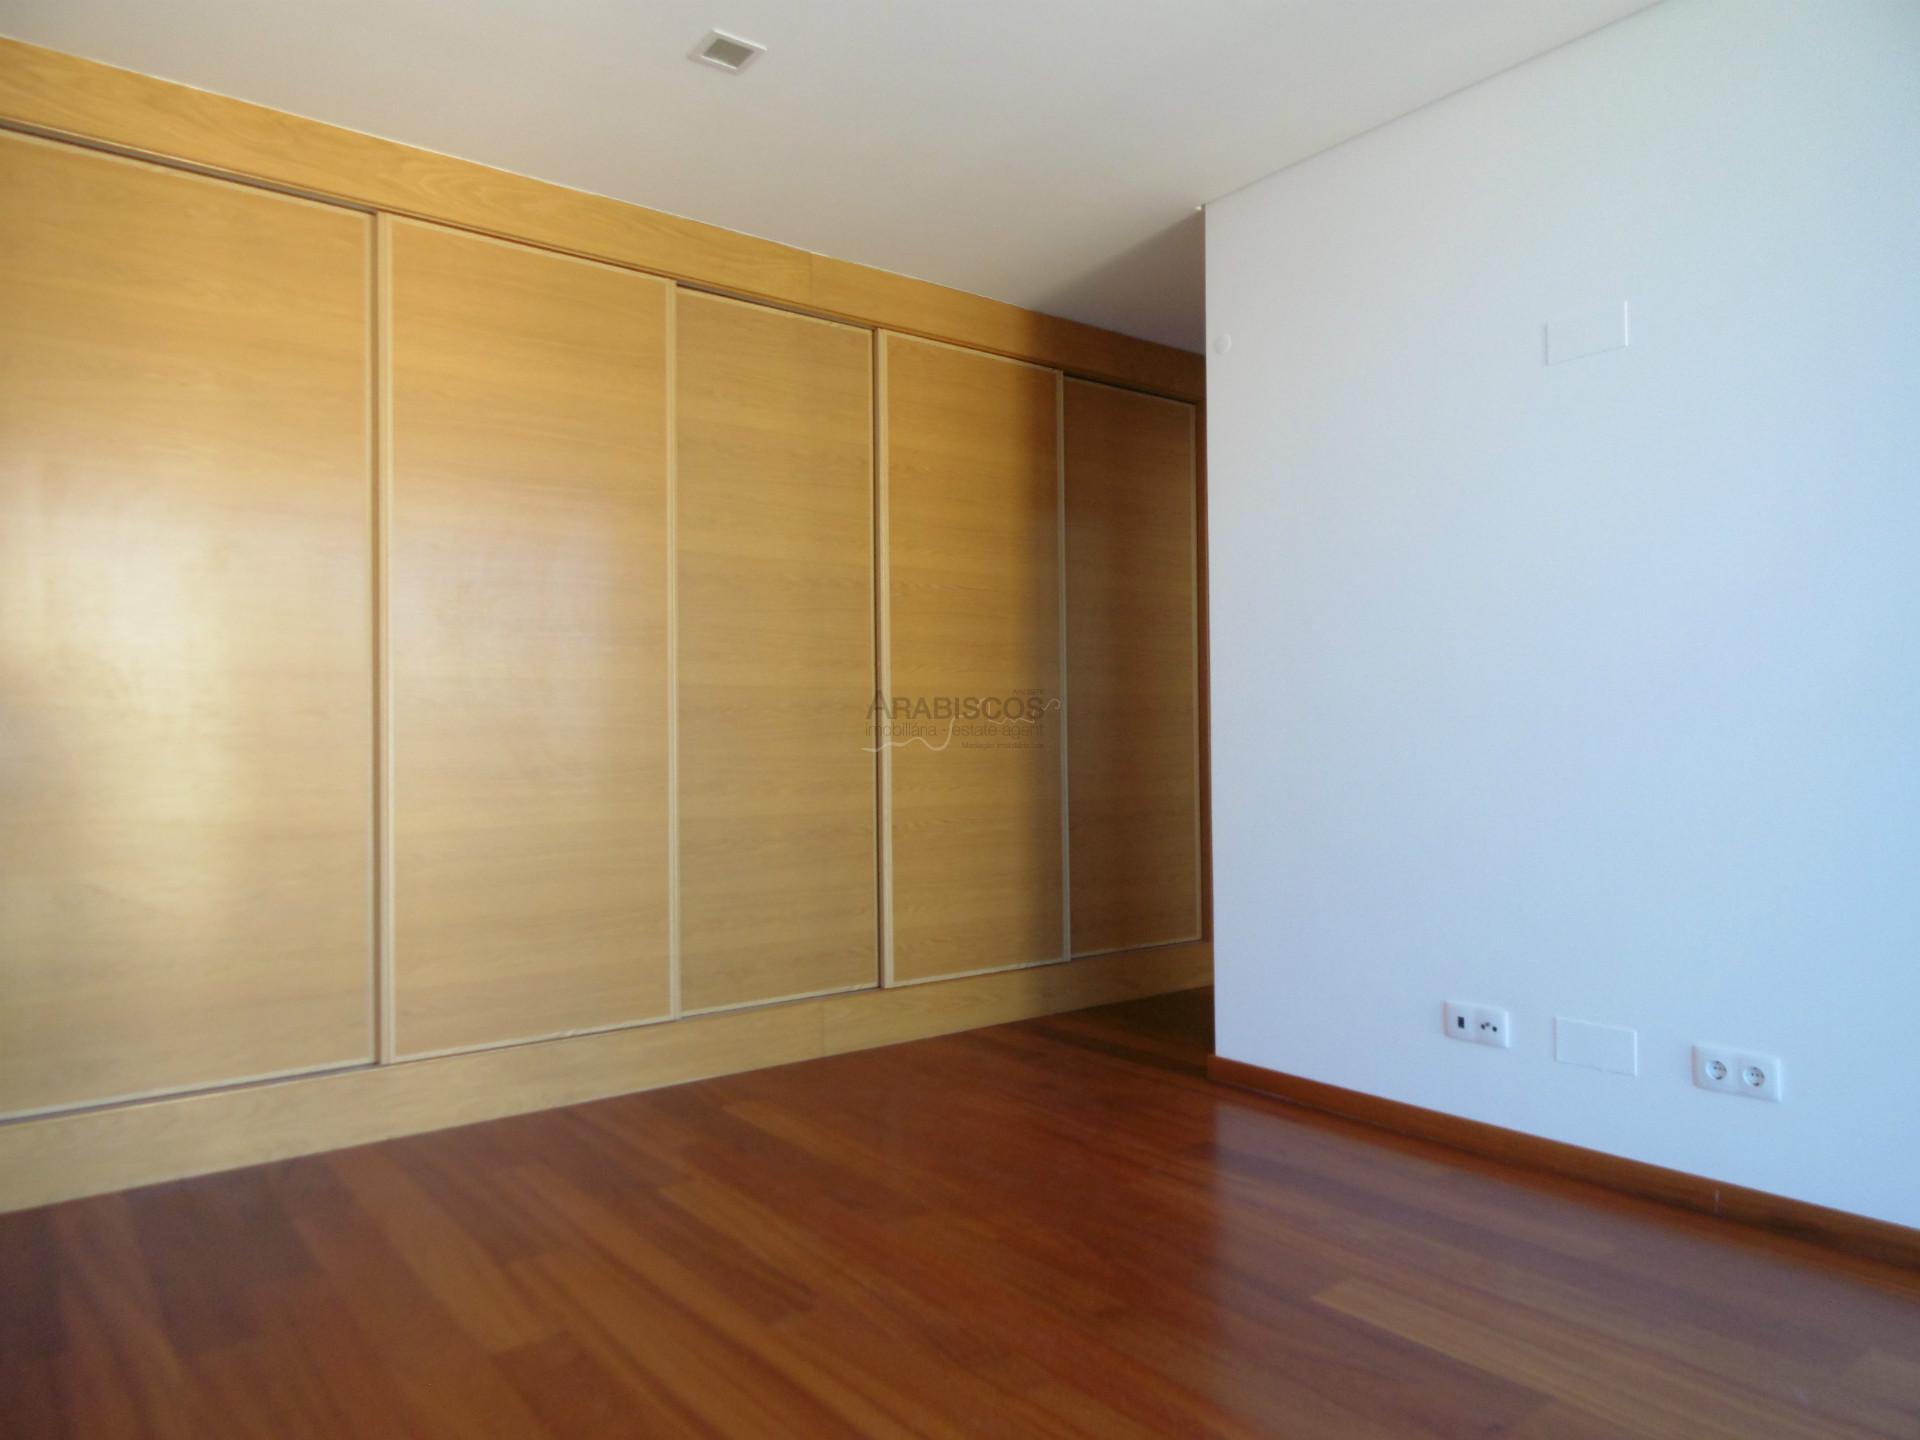 Apartement 2 kamerwoning